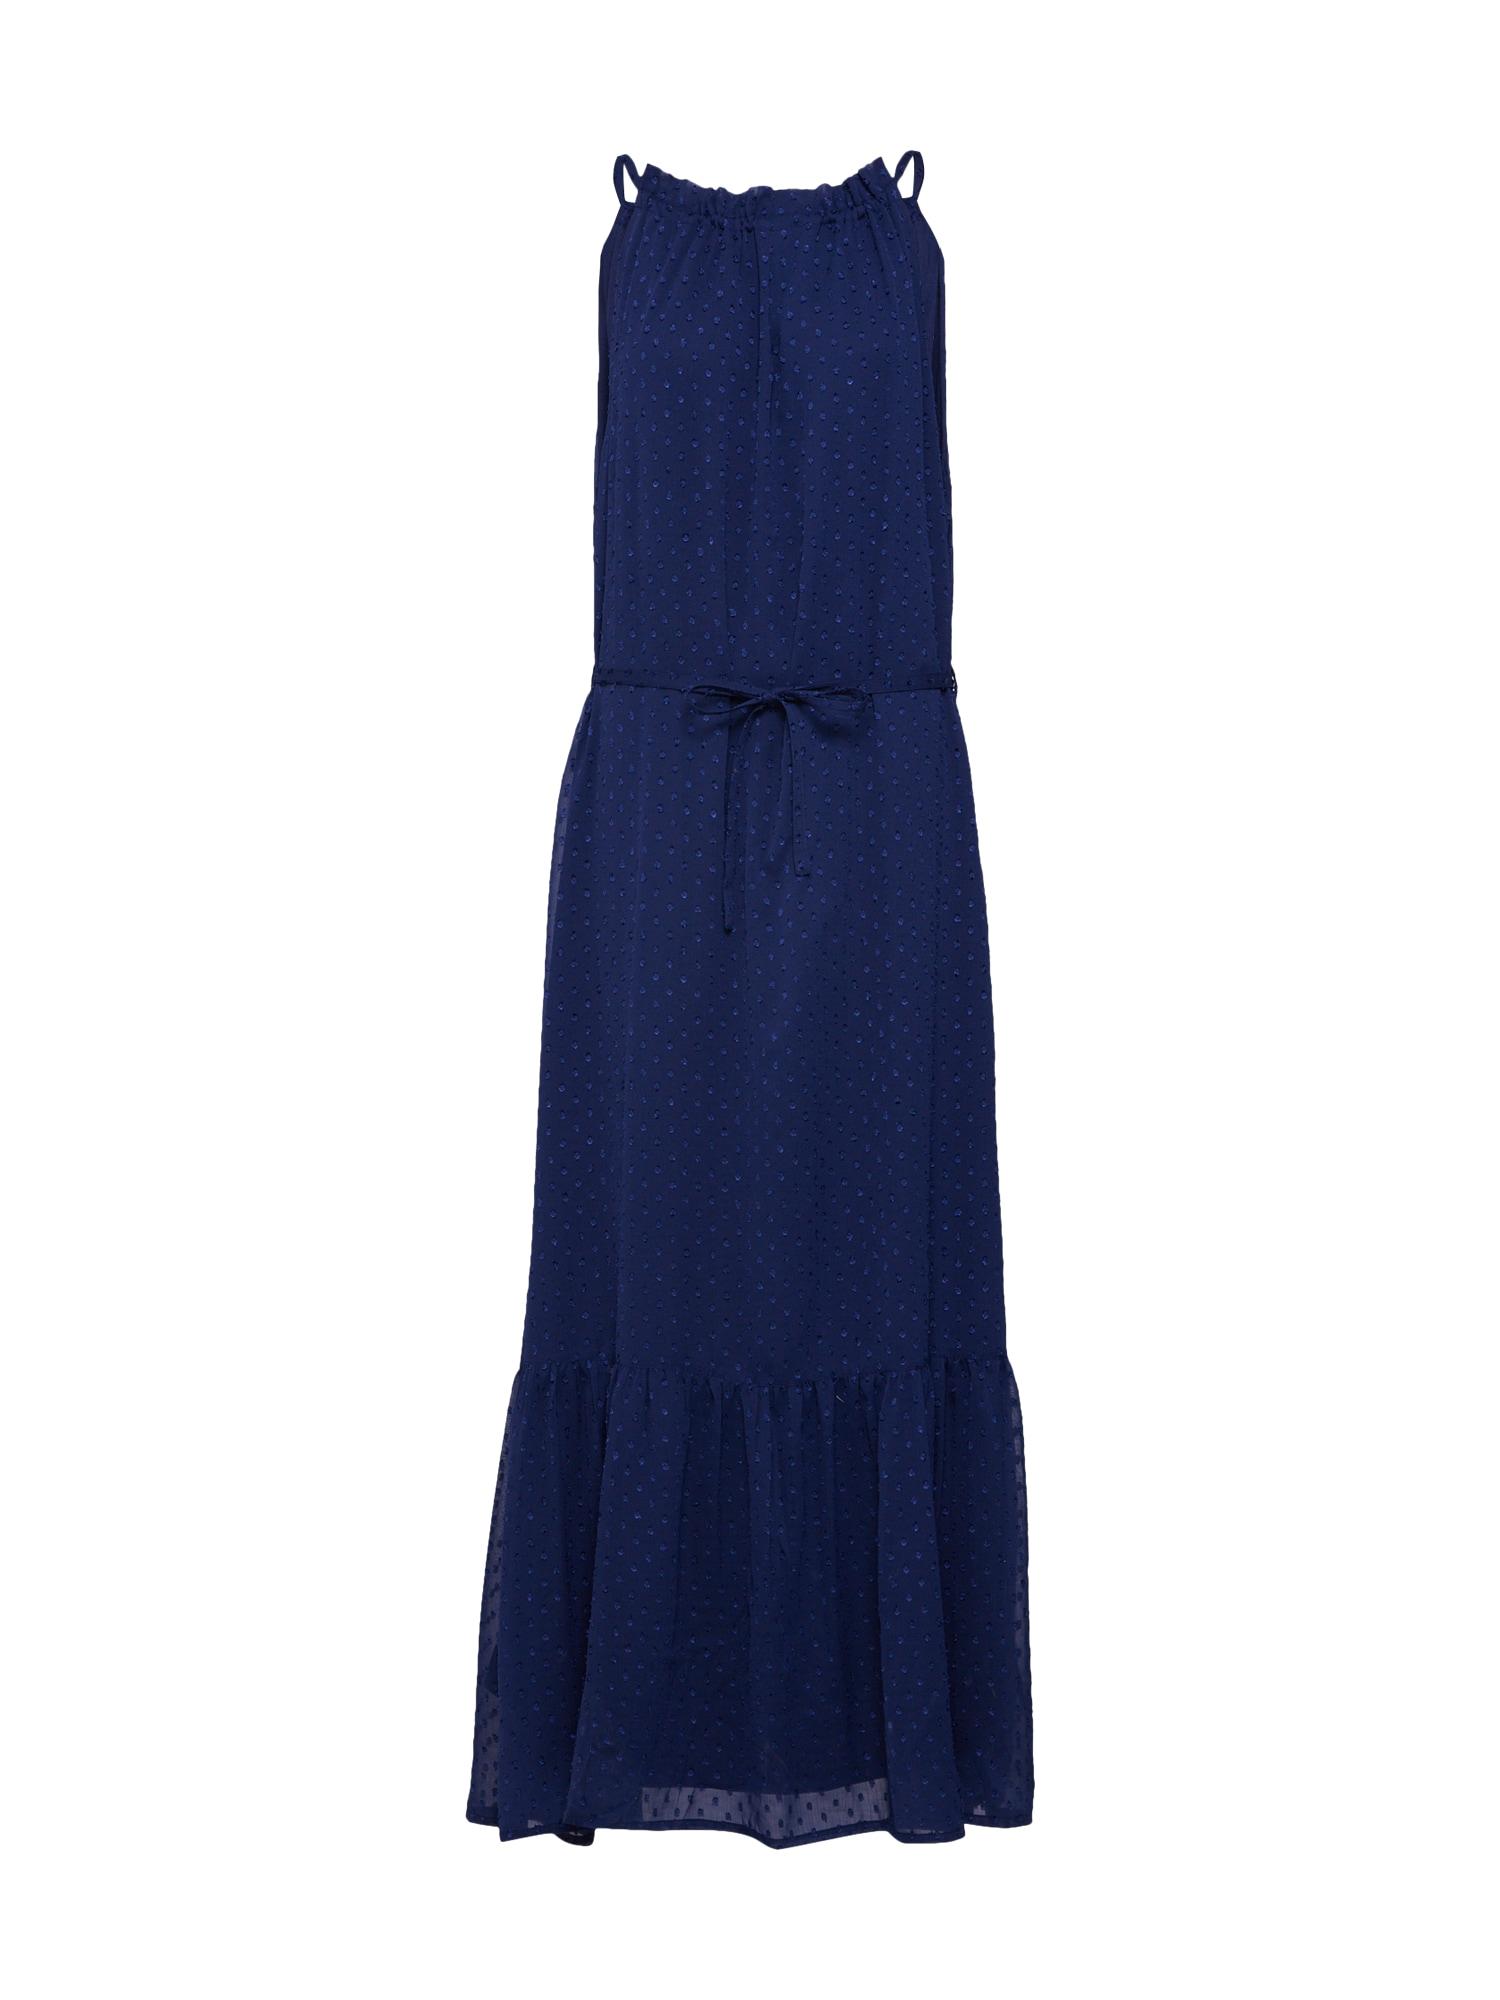 Letní šaty ITAK-DR námořnická modř SISTERS POINT